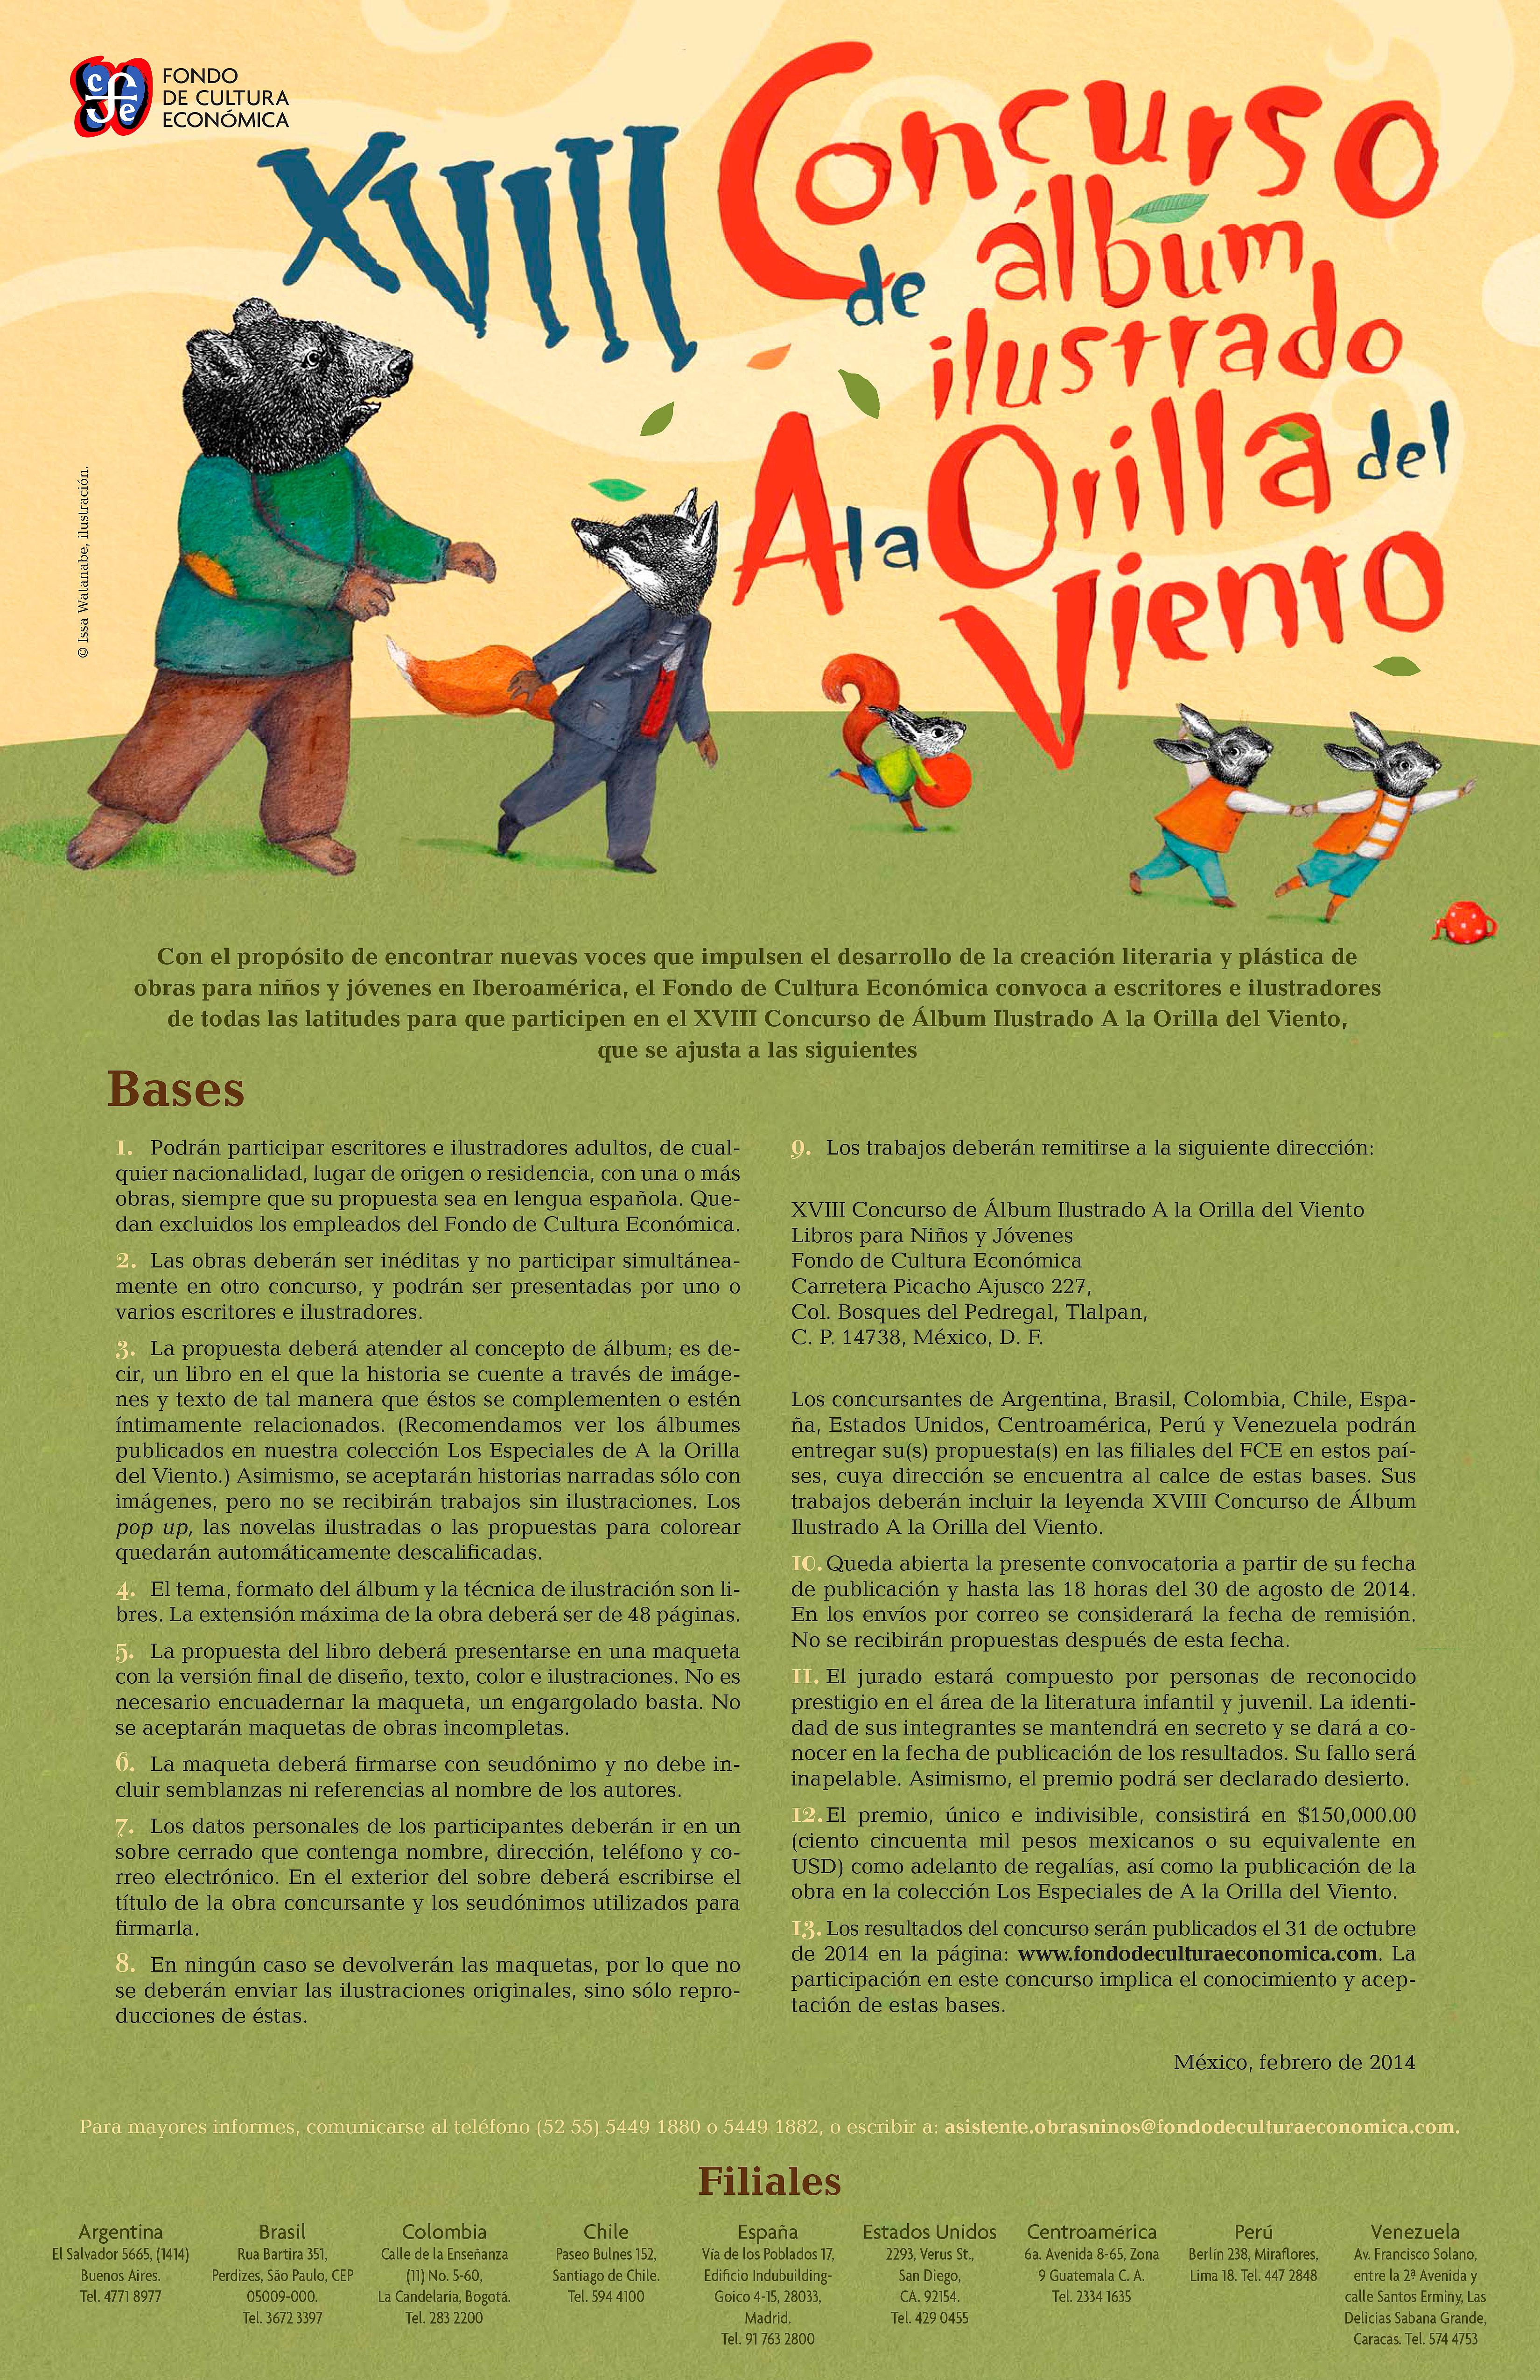 XVII Concurso de Álbum Ilustrado A la Orilla del Viento.